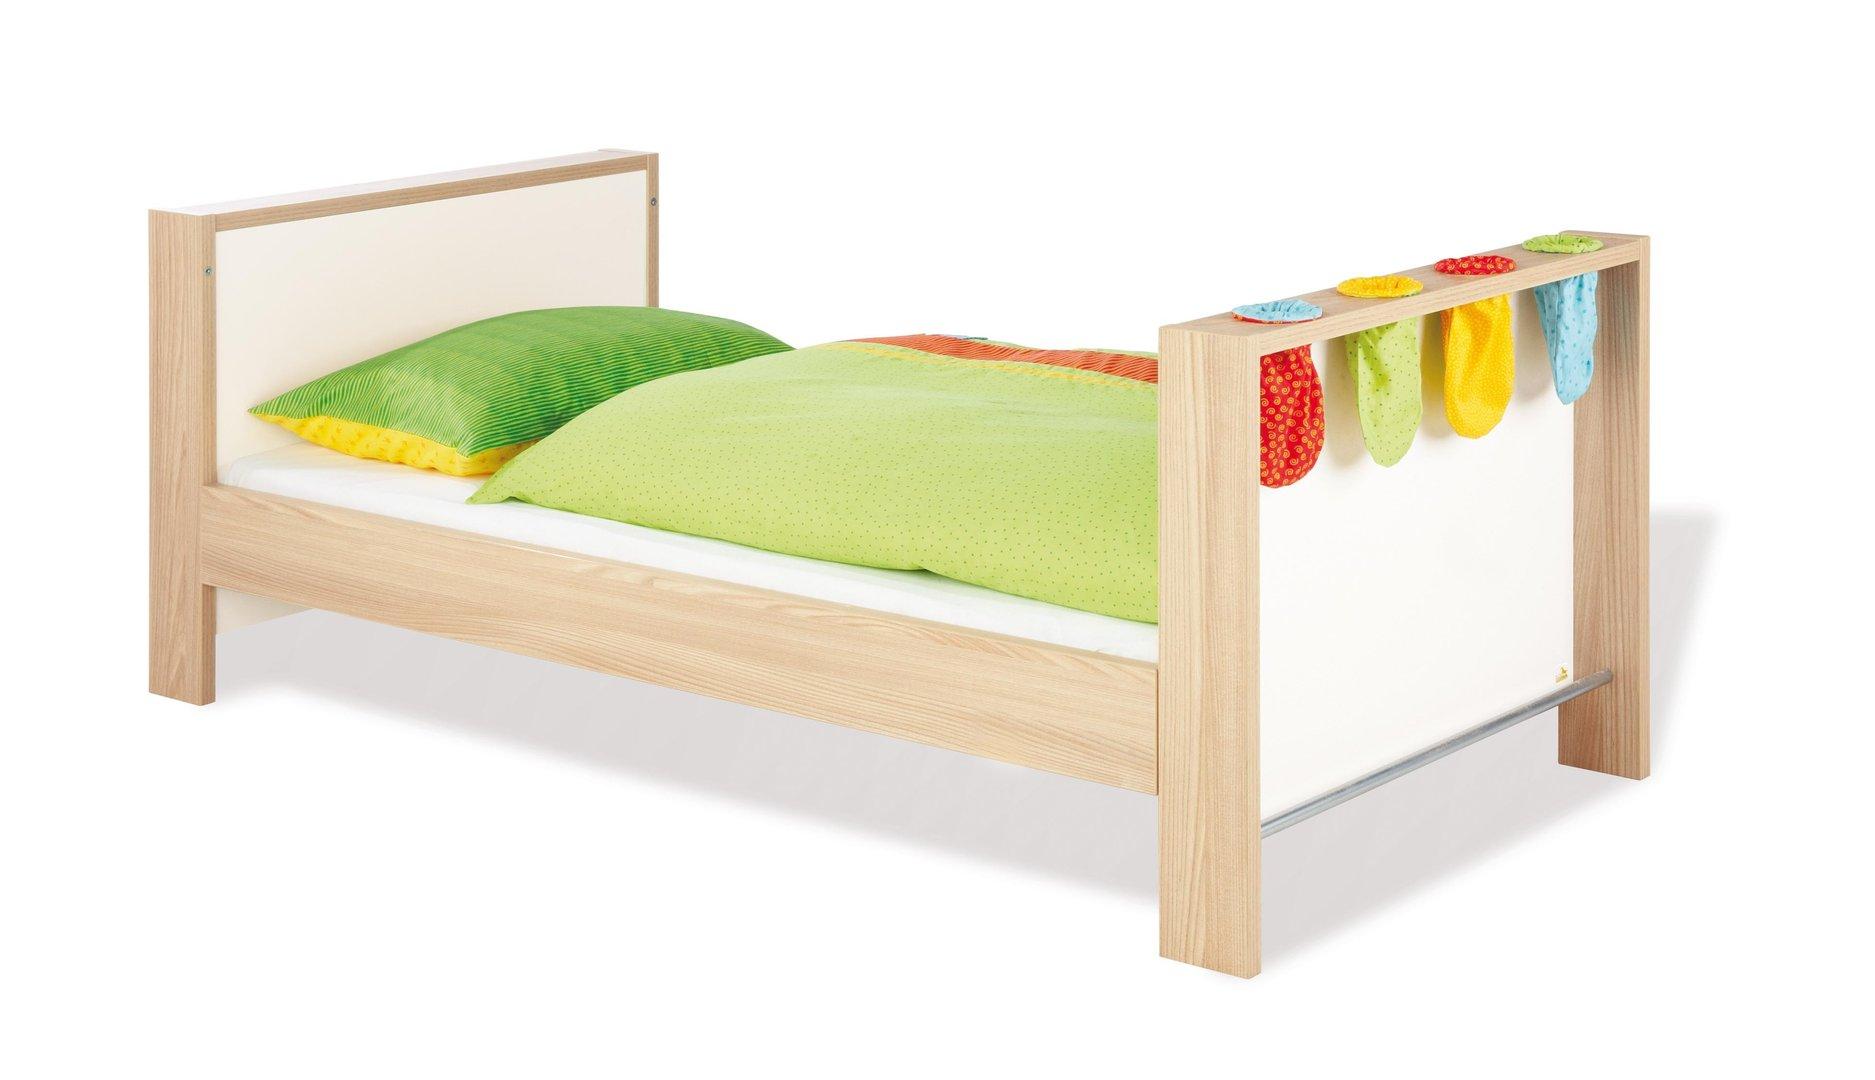 Full Size of Pinolino Bett 110099 Kinderbett Sigikid By Kinder Amazon Betten Rauch Kaufen Günstig Boxspring Massivholz Landhausstil Paradies Für übergewichtige 160x200 Bett Pinolino Bett